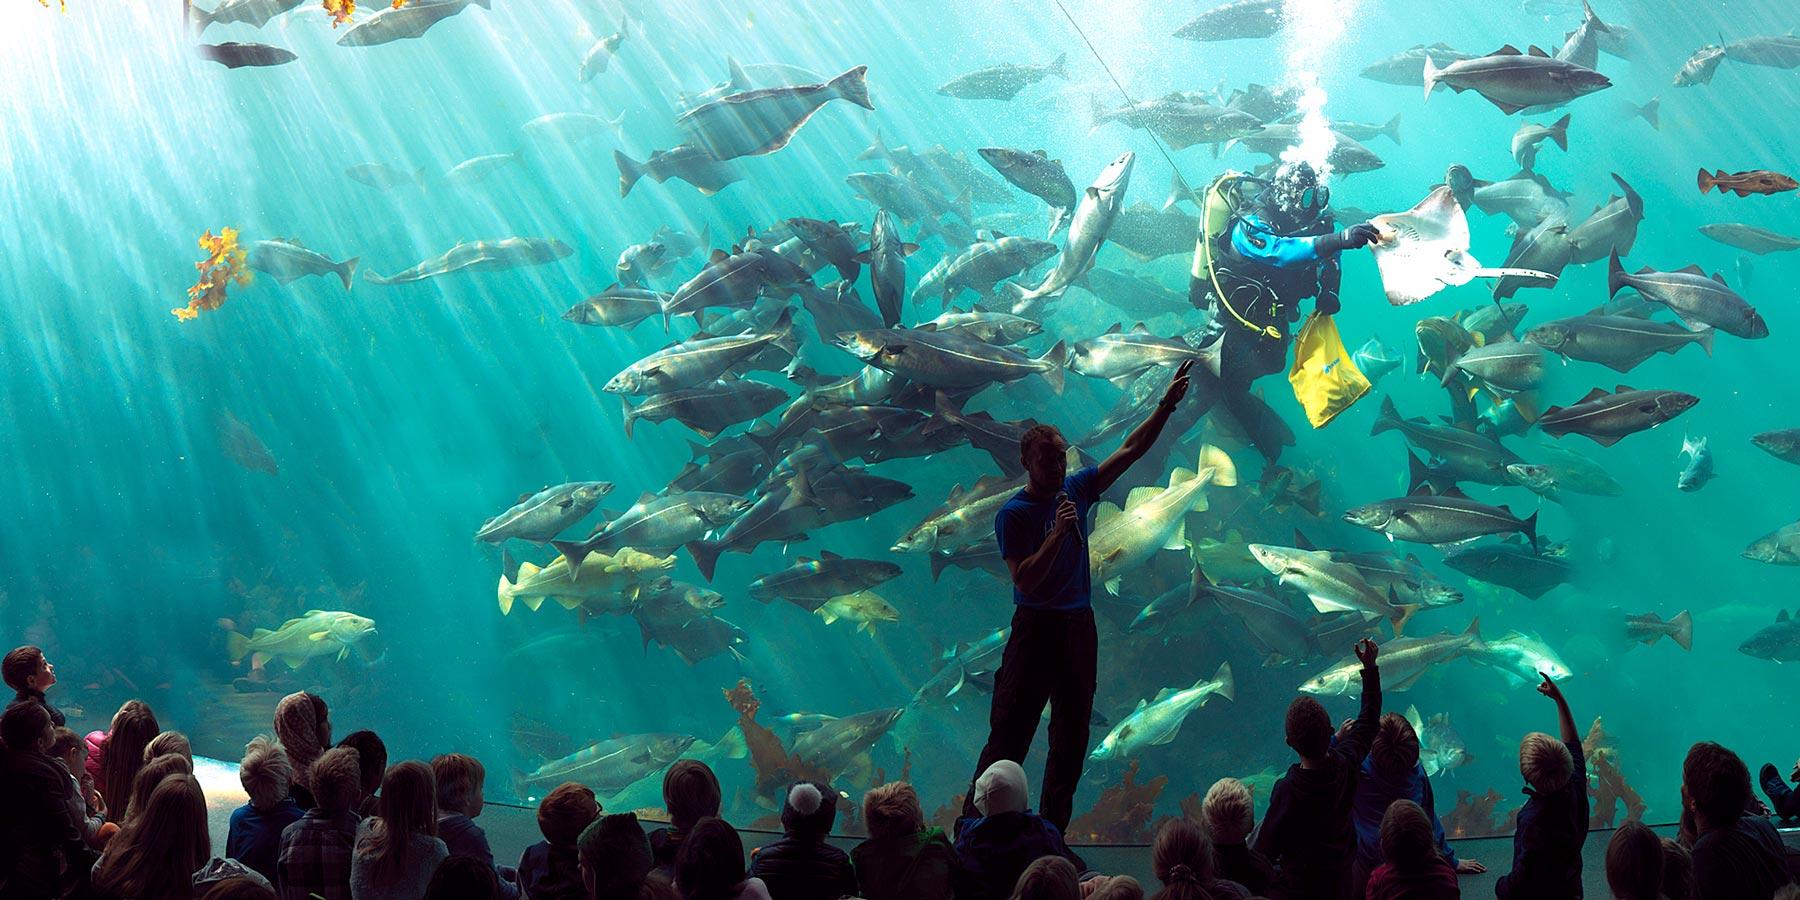 Aquarium mit Taucher, der die Fische füttert.